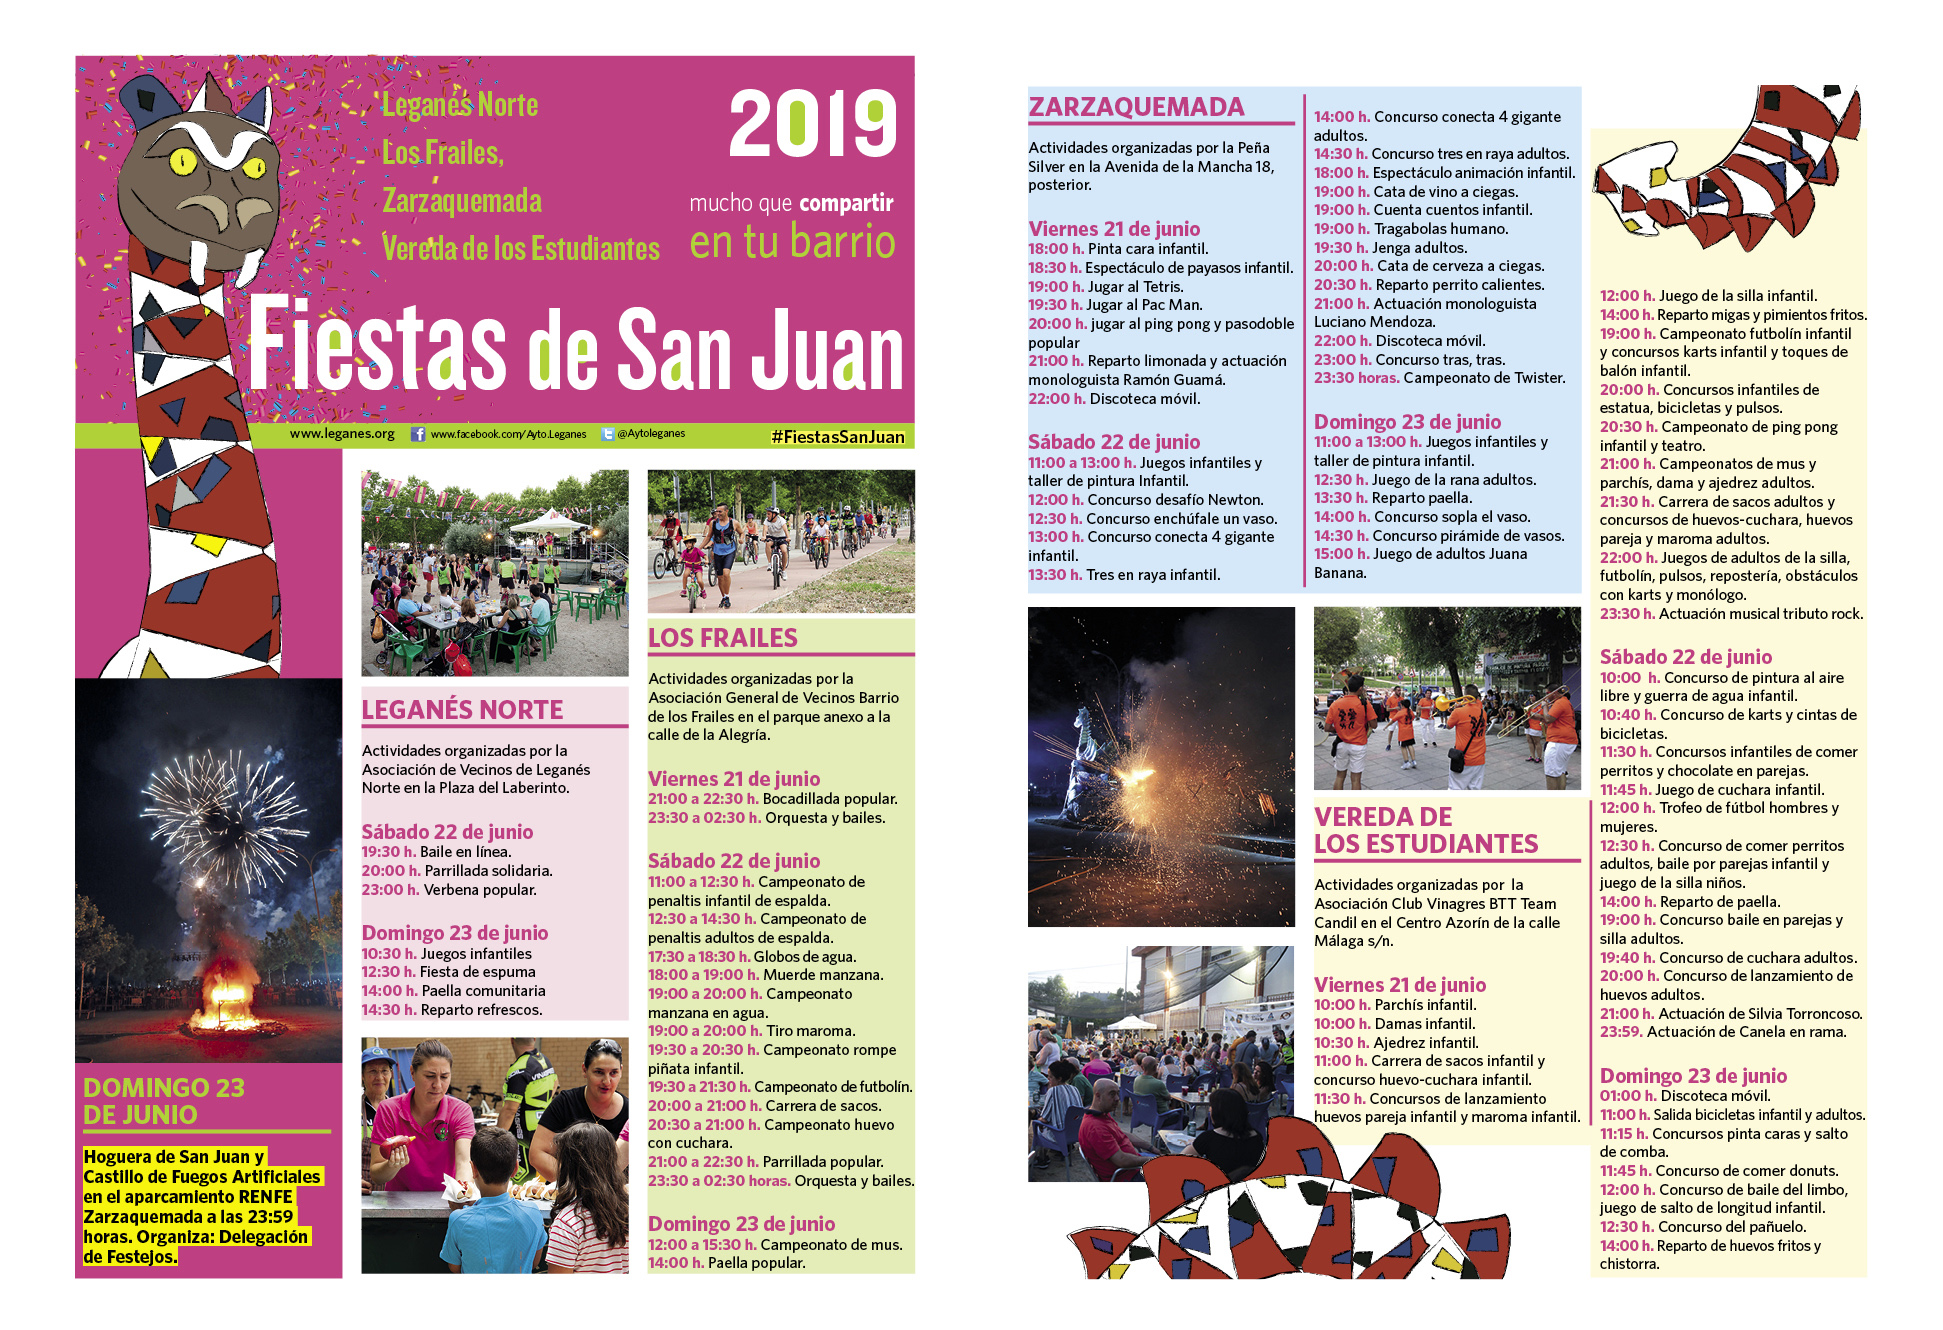 Fiestas de San Juan Leganés